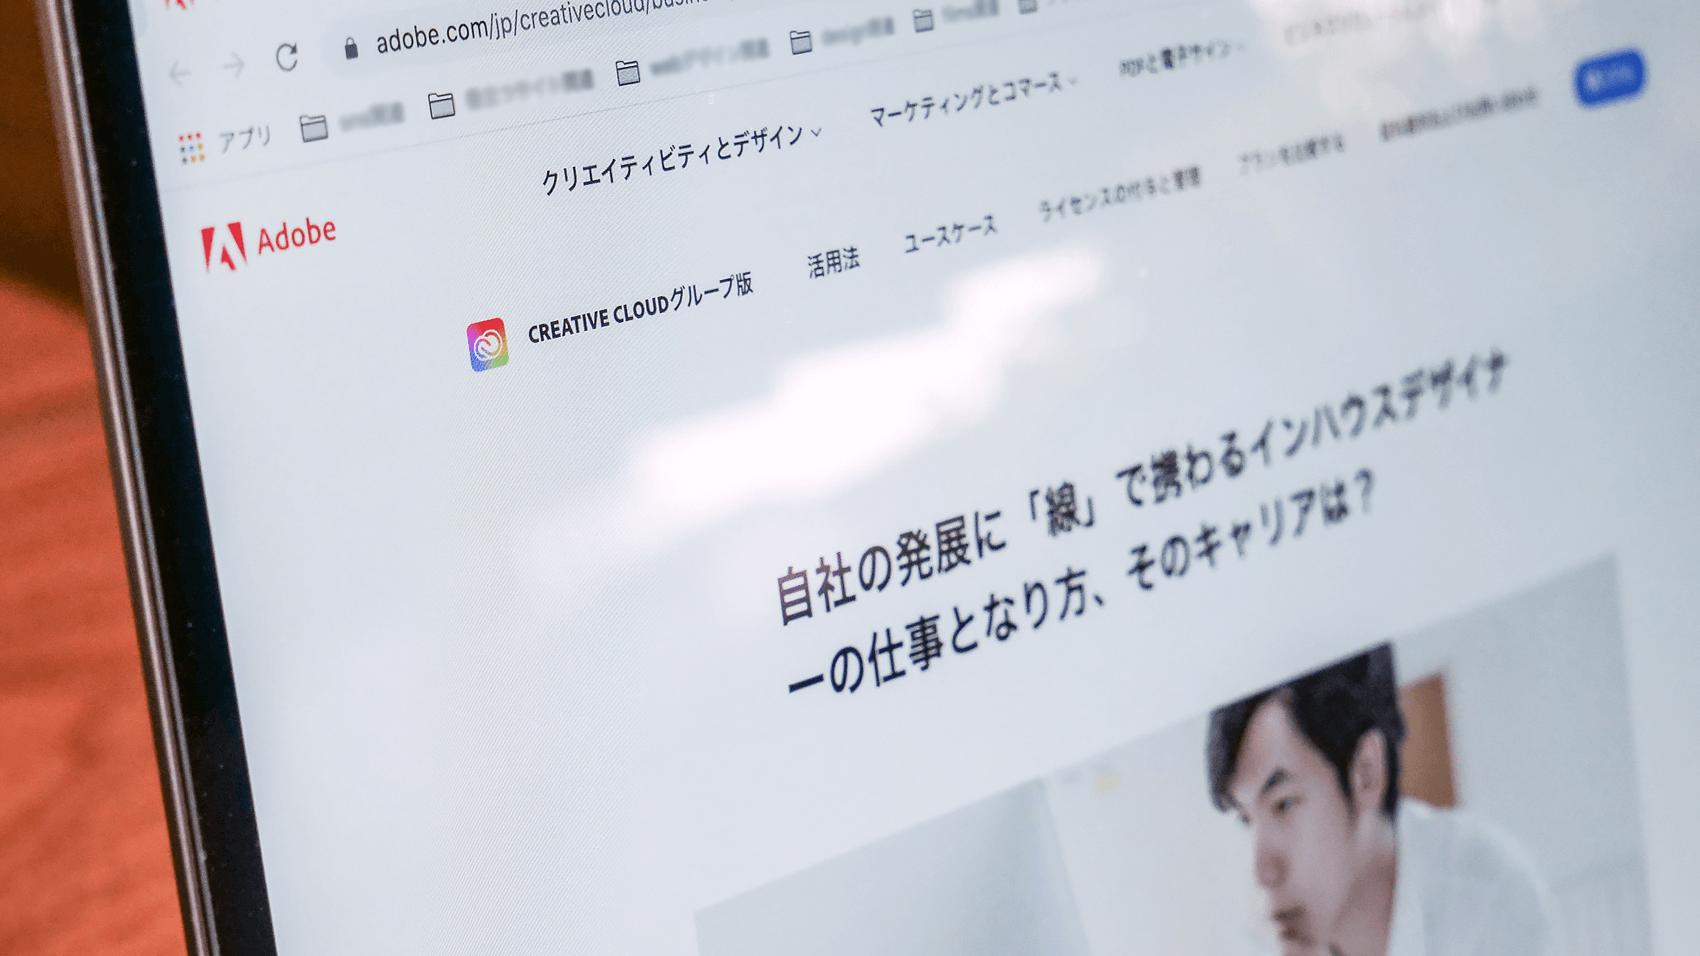 取材対応・監修したAdobeのインハウスデザイナー記事が公開されました